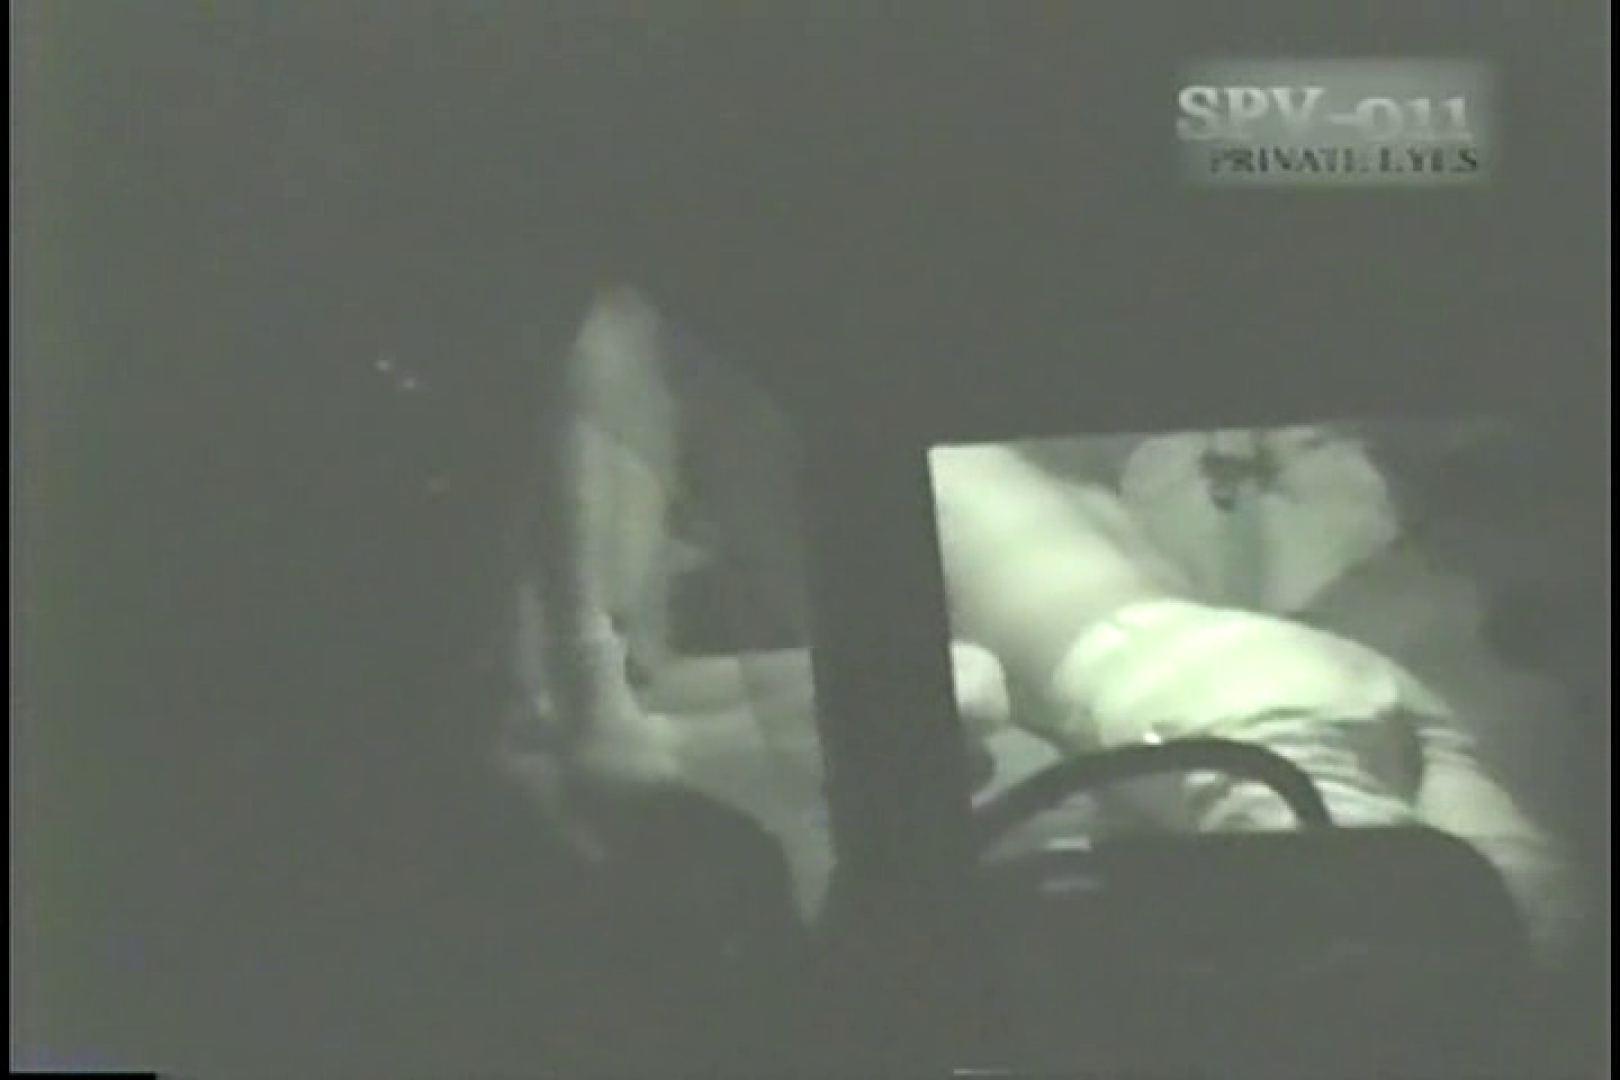 高画質版!SPD-011 盗撮 カーセックス黙示録 (VHS) プライベート セックス画像 94連発 76